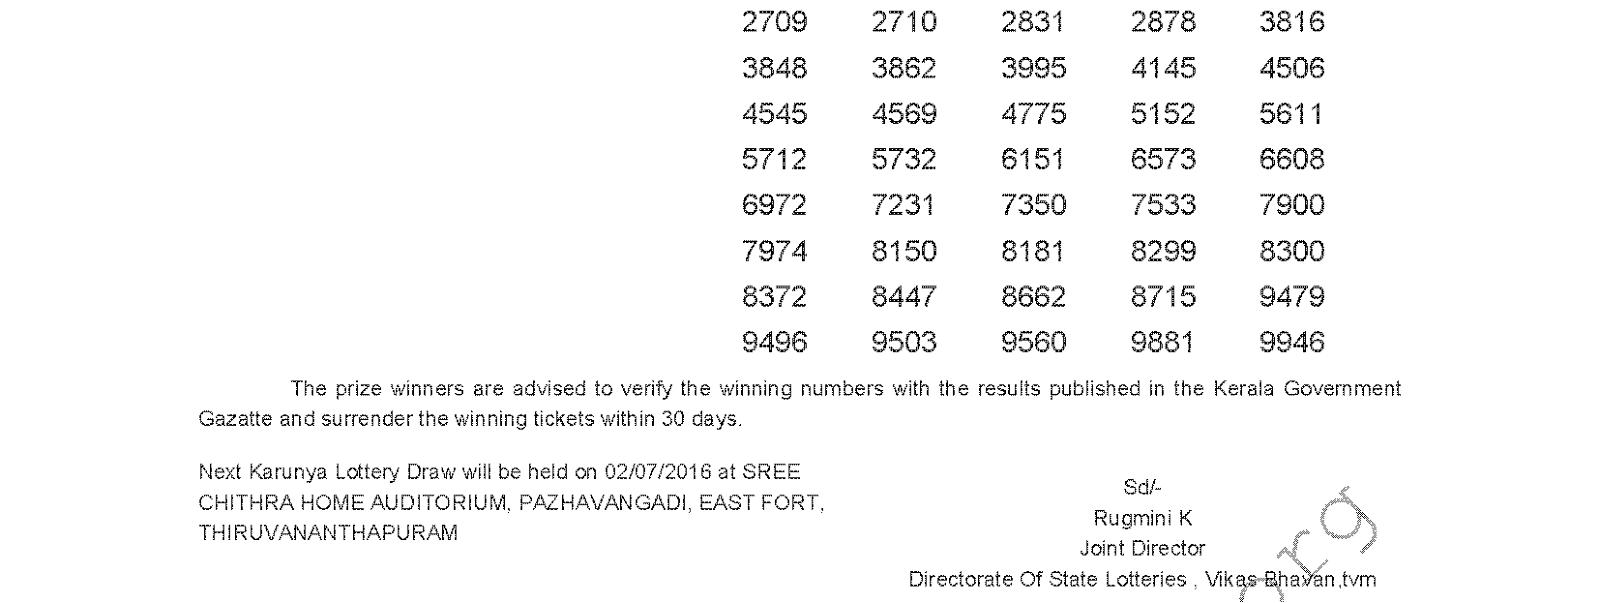 KARUNYA KR 247 Lottery Result 25-6-2016